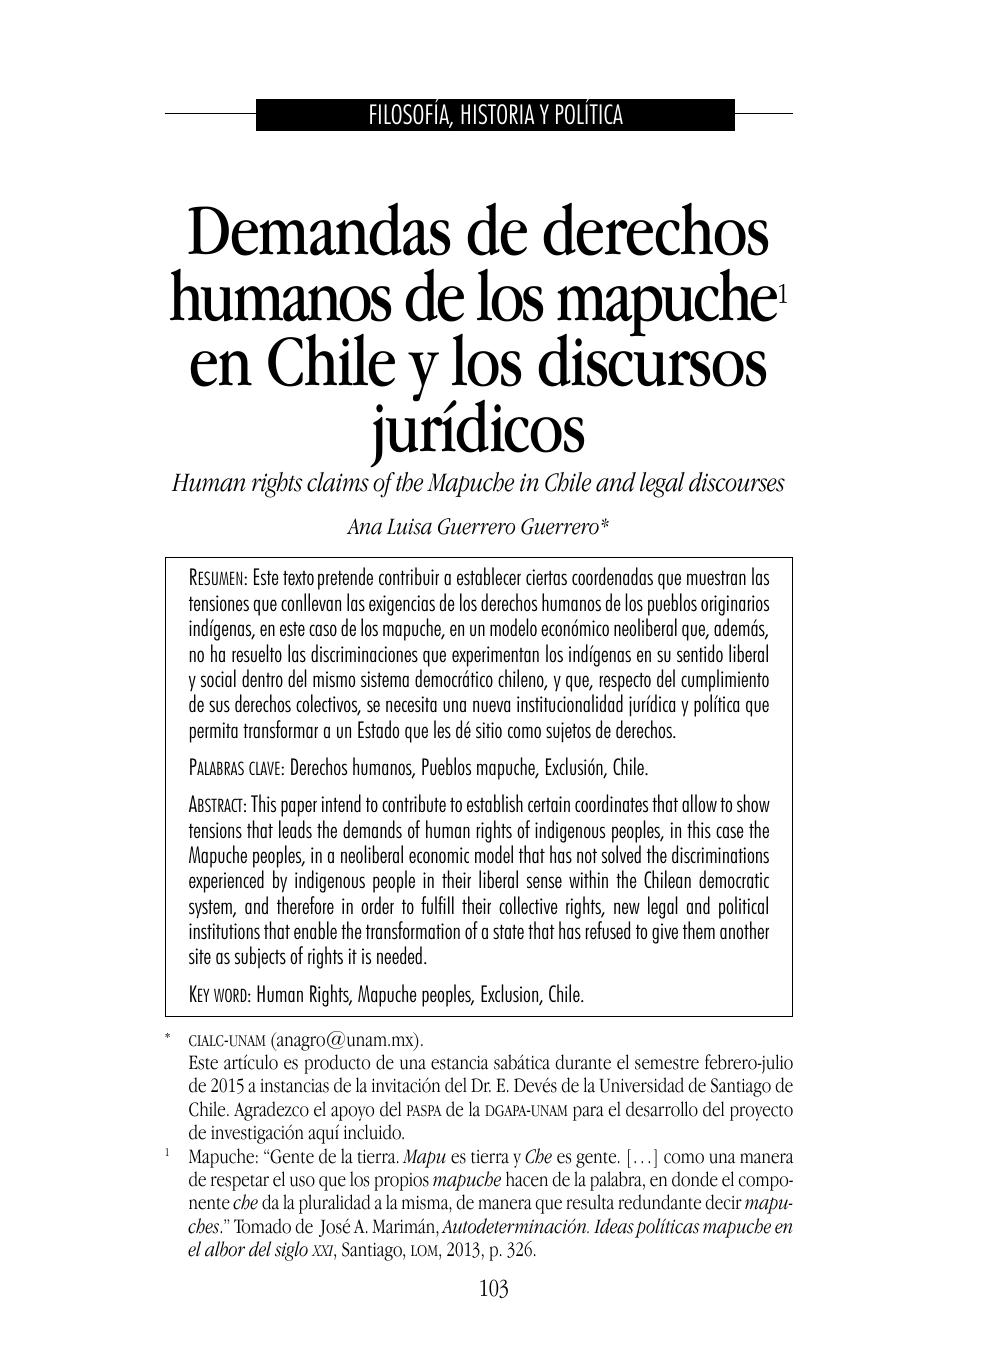 Demandas De Derechos Humanos De Los Mapuche En Chile Y Los